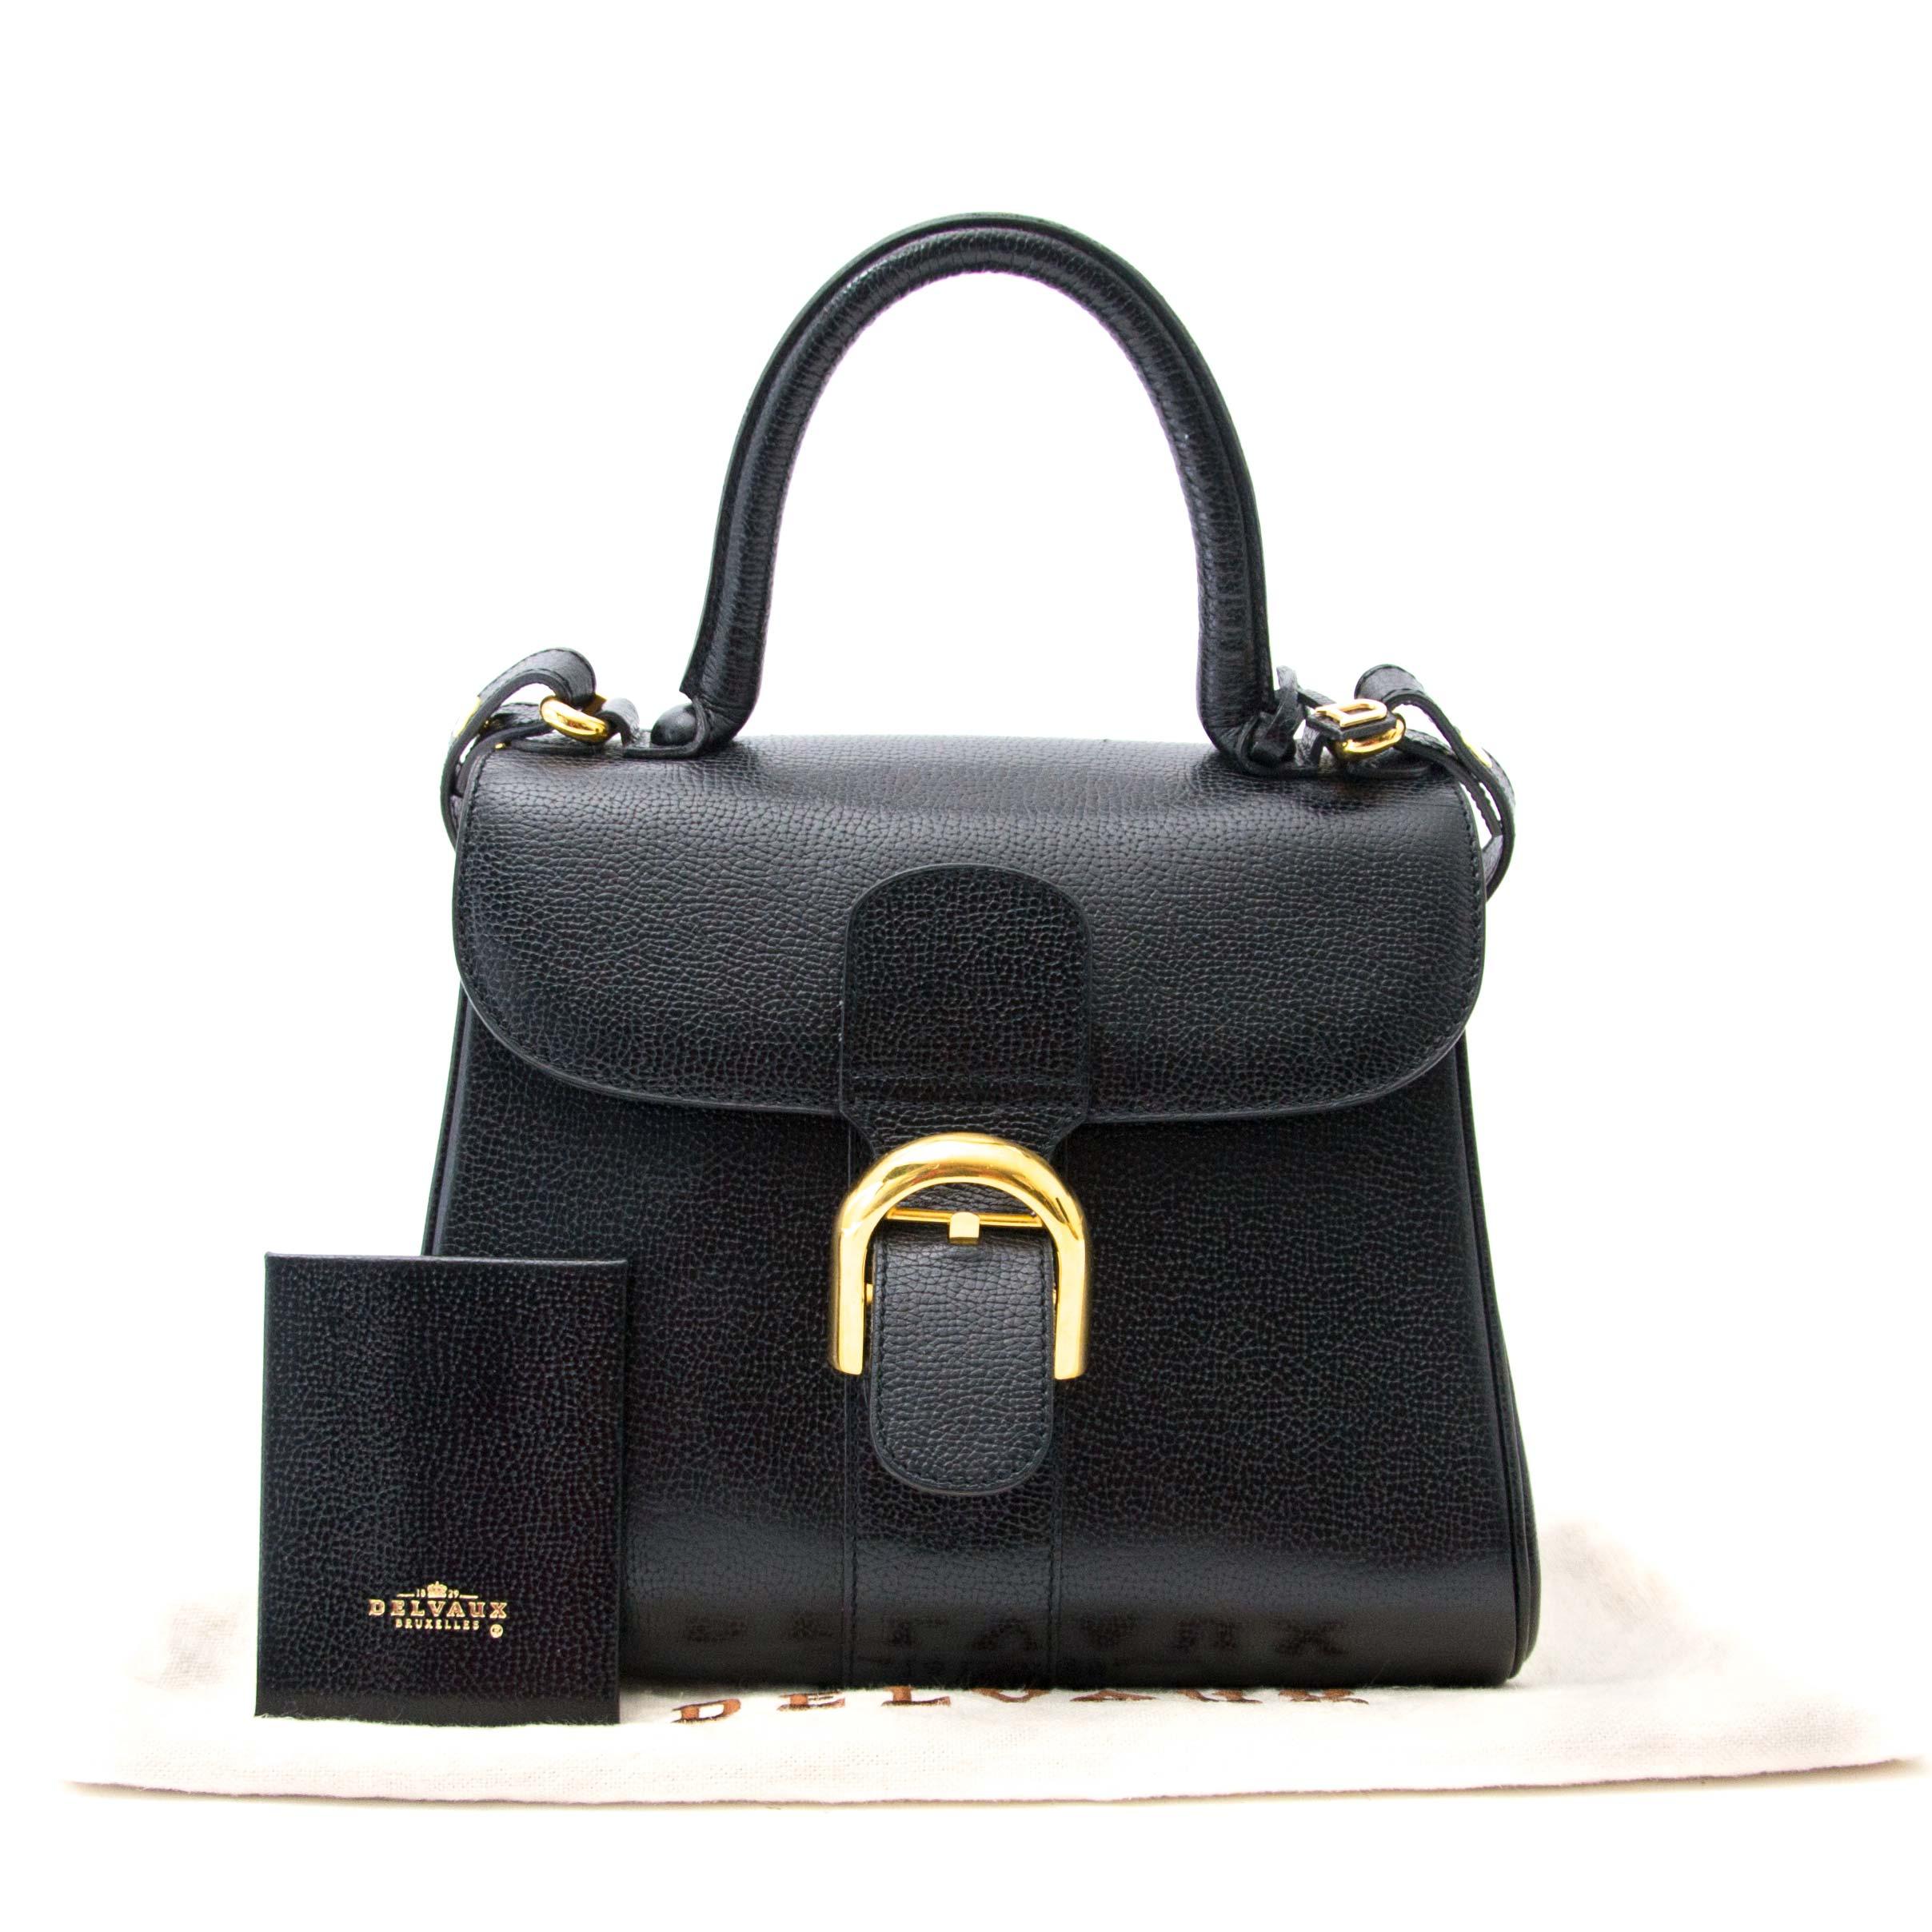 achter en ligne pour le meilleur prix sac a main Delvaux Brillant MM Black Leather